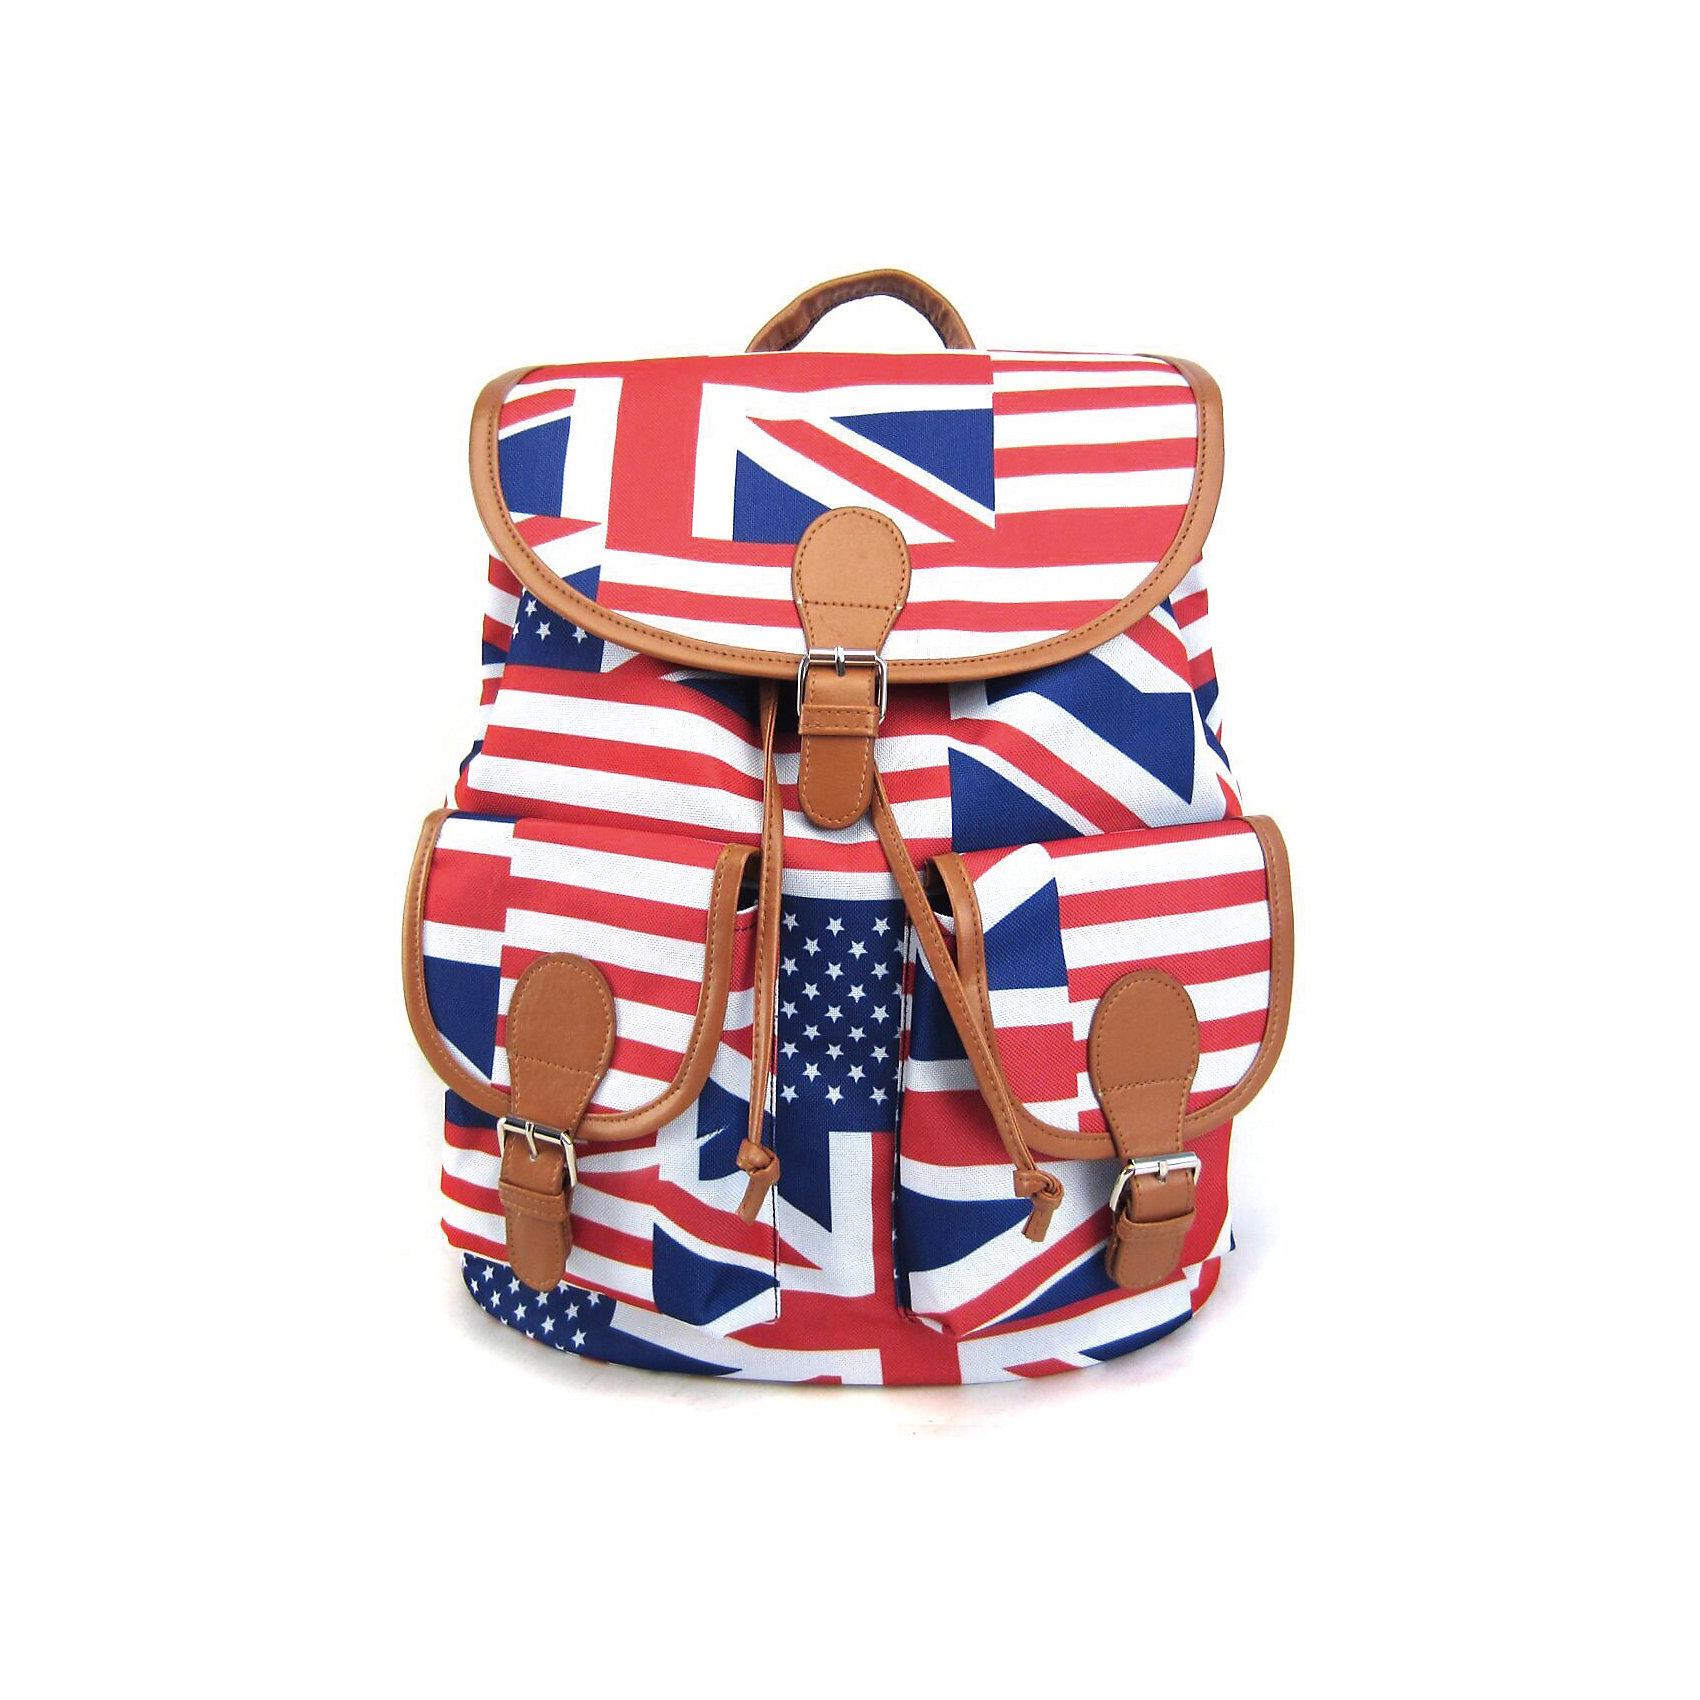 Рюкзак American Flag с 2-мя карманами, цвет мультиРюкзаки<br>Вес: 0,5 кг<br>Размер: 39х35х17 см<br>Состав: рюкзак<br>Наличие светоотражающих элементов: нет<br>Материал: полиэстер<br><br>Ширина мм: 390<br>Глубина мм: 350<br>Высота мм: 170<br>Вес г: 500<br>Возраст от месяцев: 84<br>Возраст до месяцев: 720<br>Пол: Унисекс<br>Возраст: Детский<br>SKU: 7054038